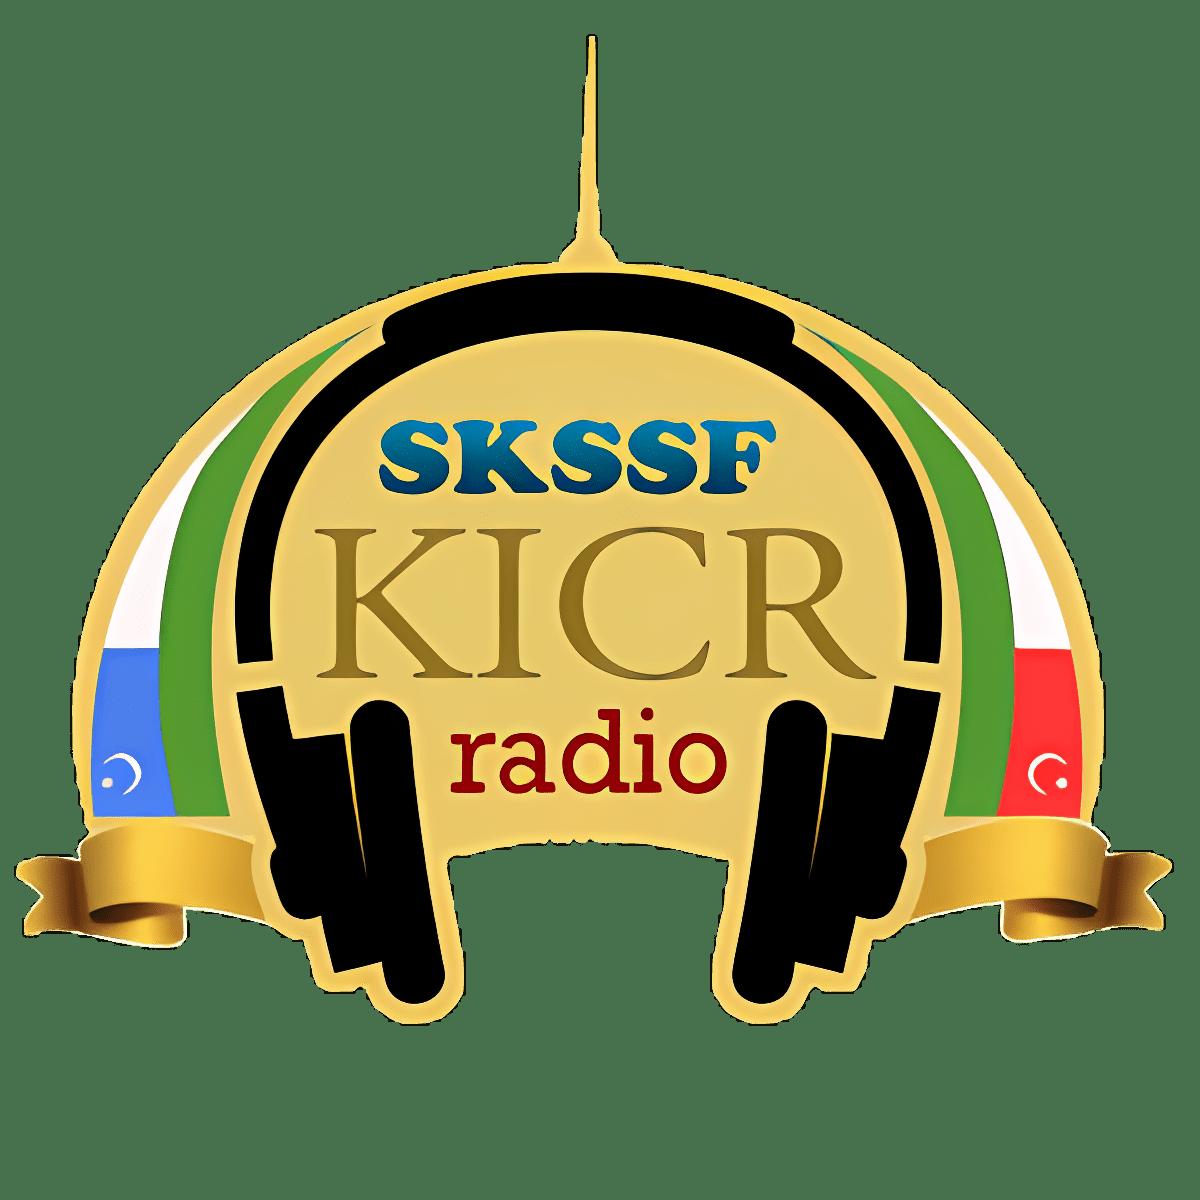 KICR SKSSF Radio